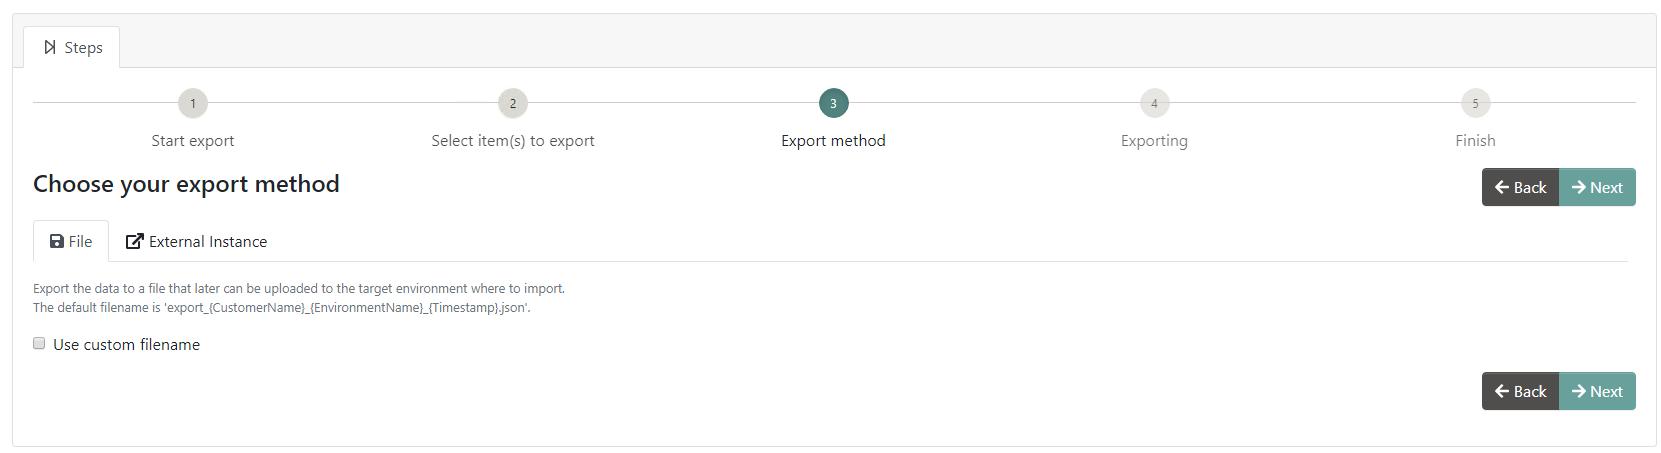 File option tab